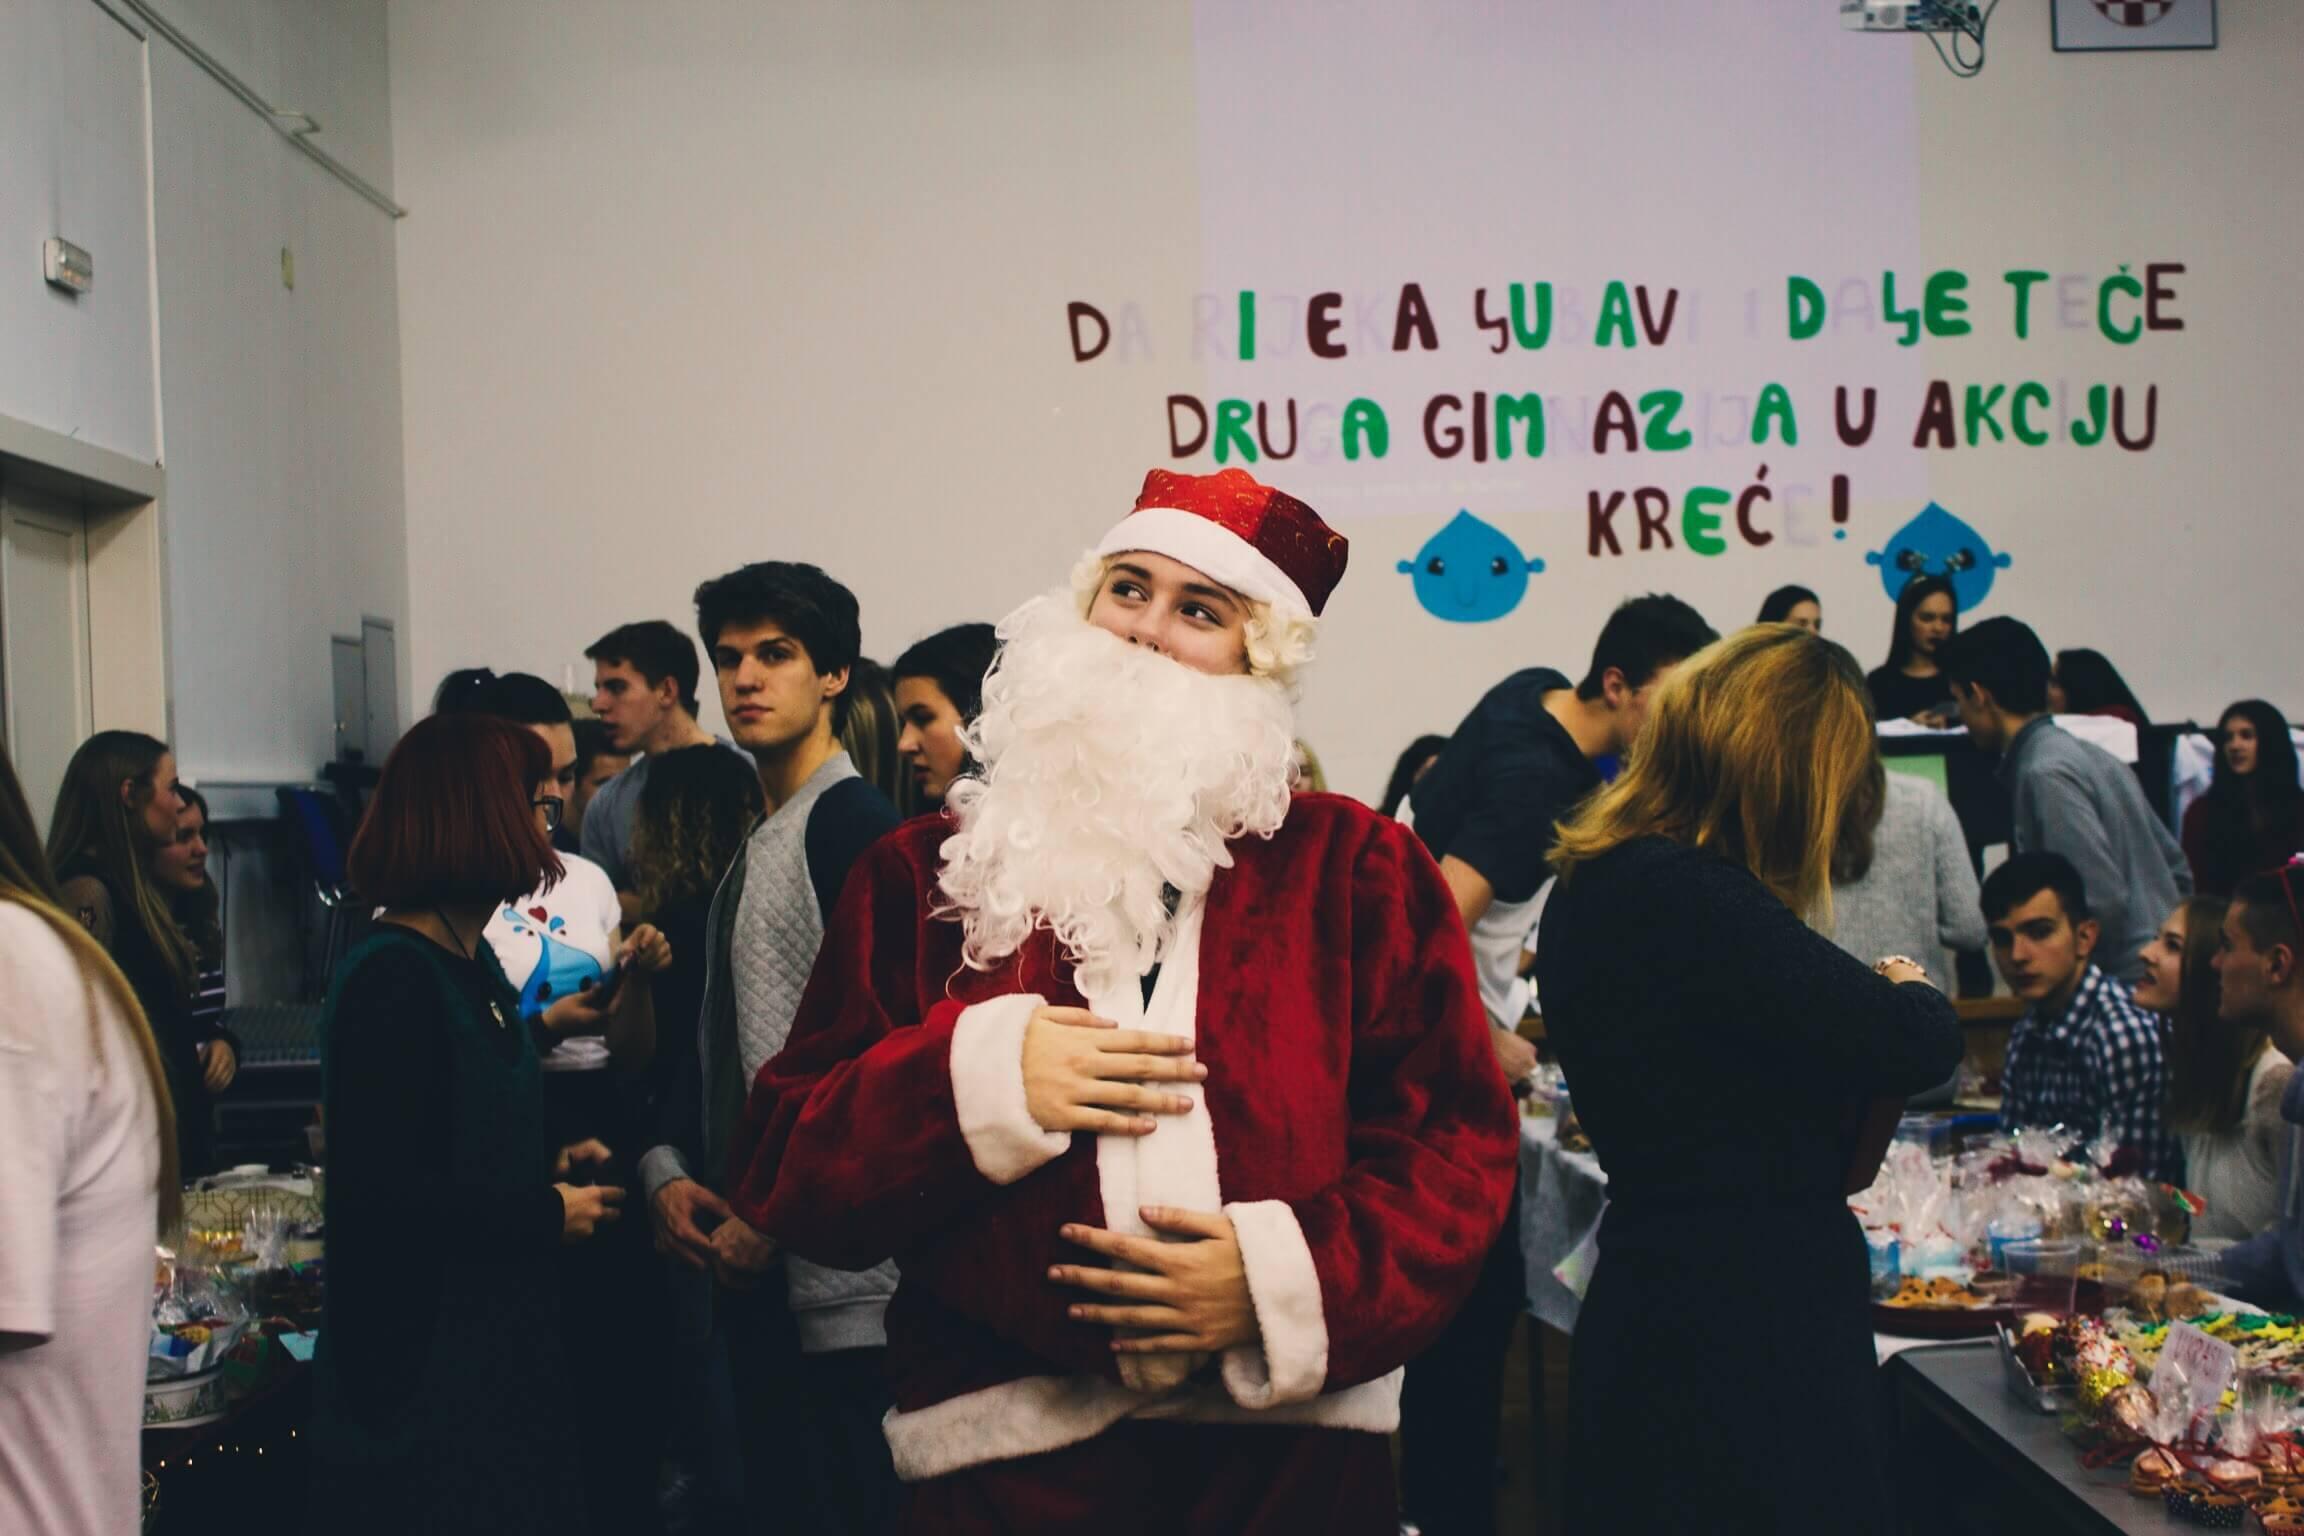 Rijeka ljubavi i dalje teče u 2. gimnaziji: Na božićnom sajmu prikupili 35.000 kuna za obitelji u potrebi